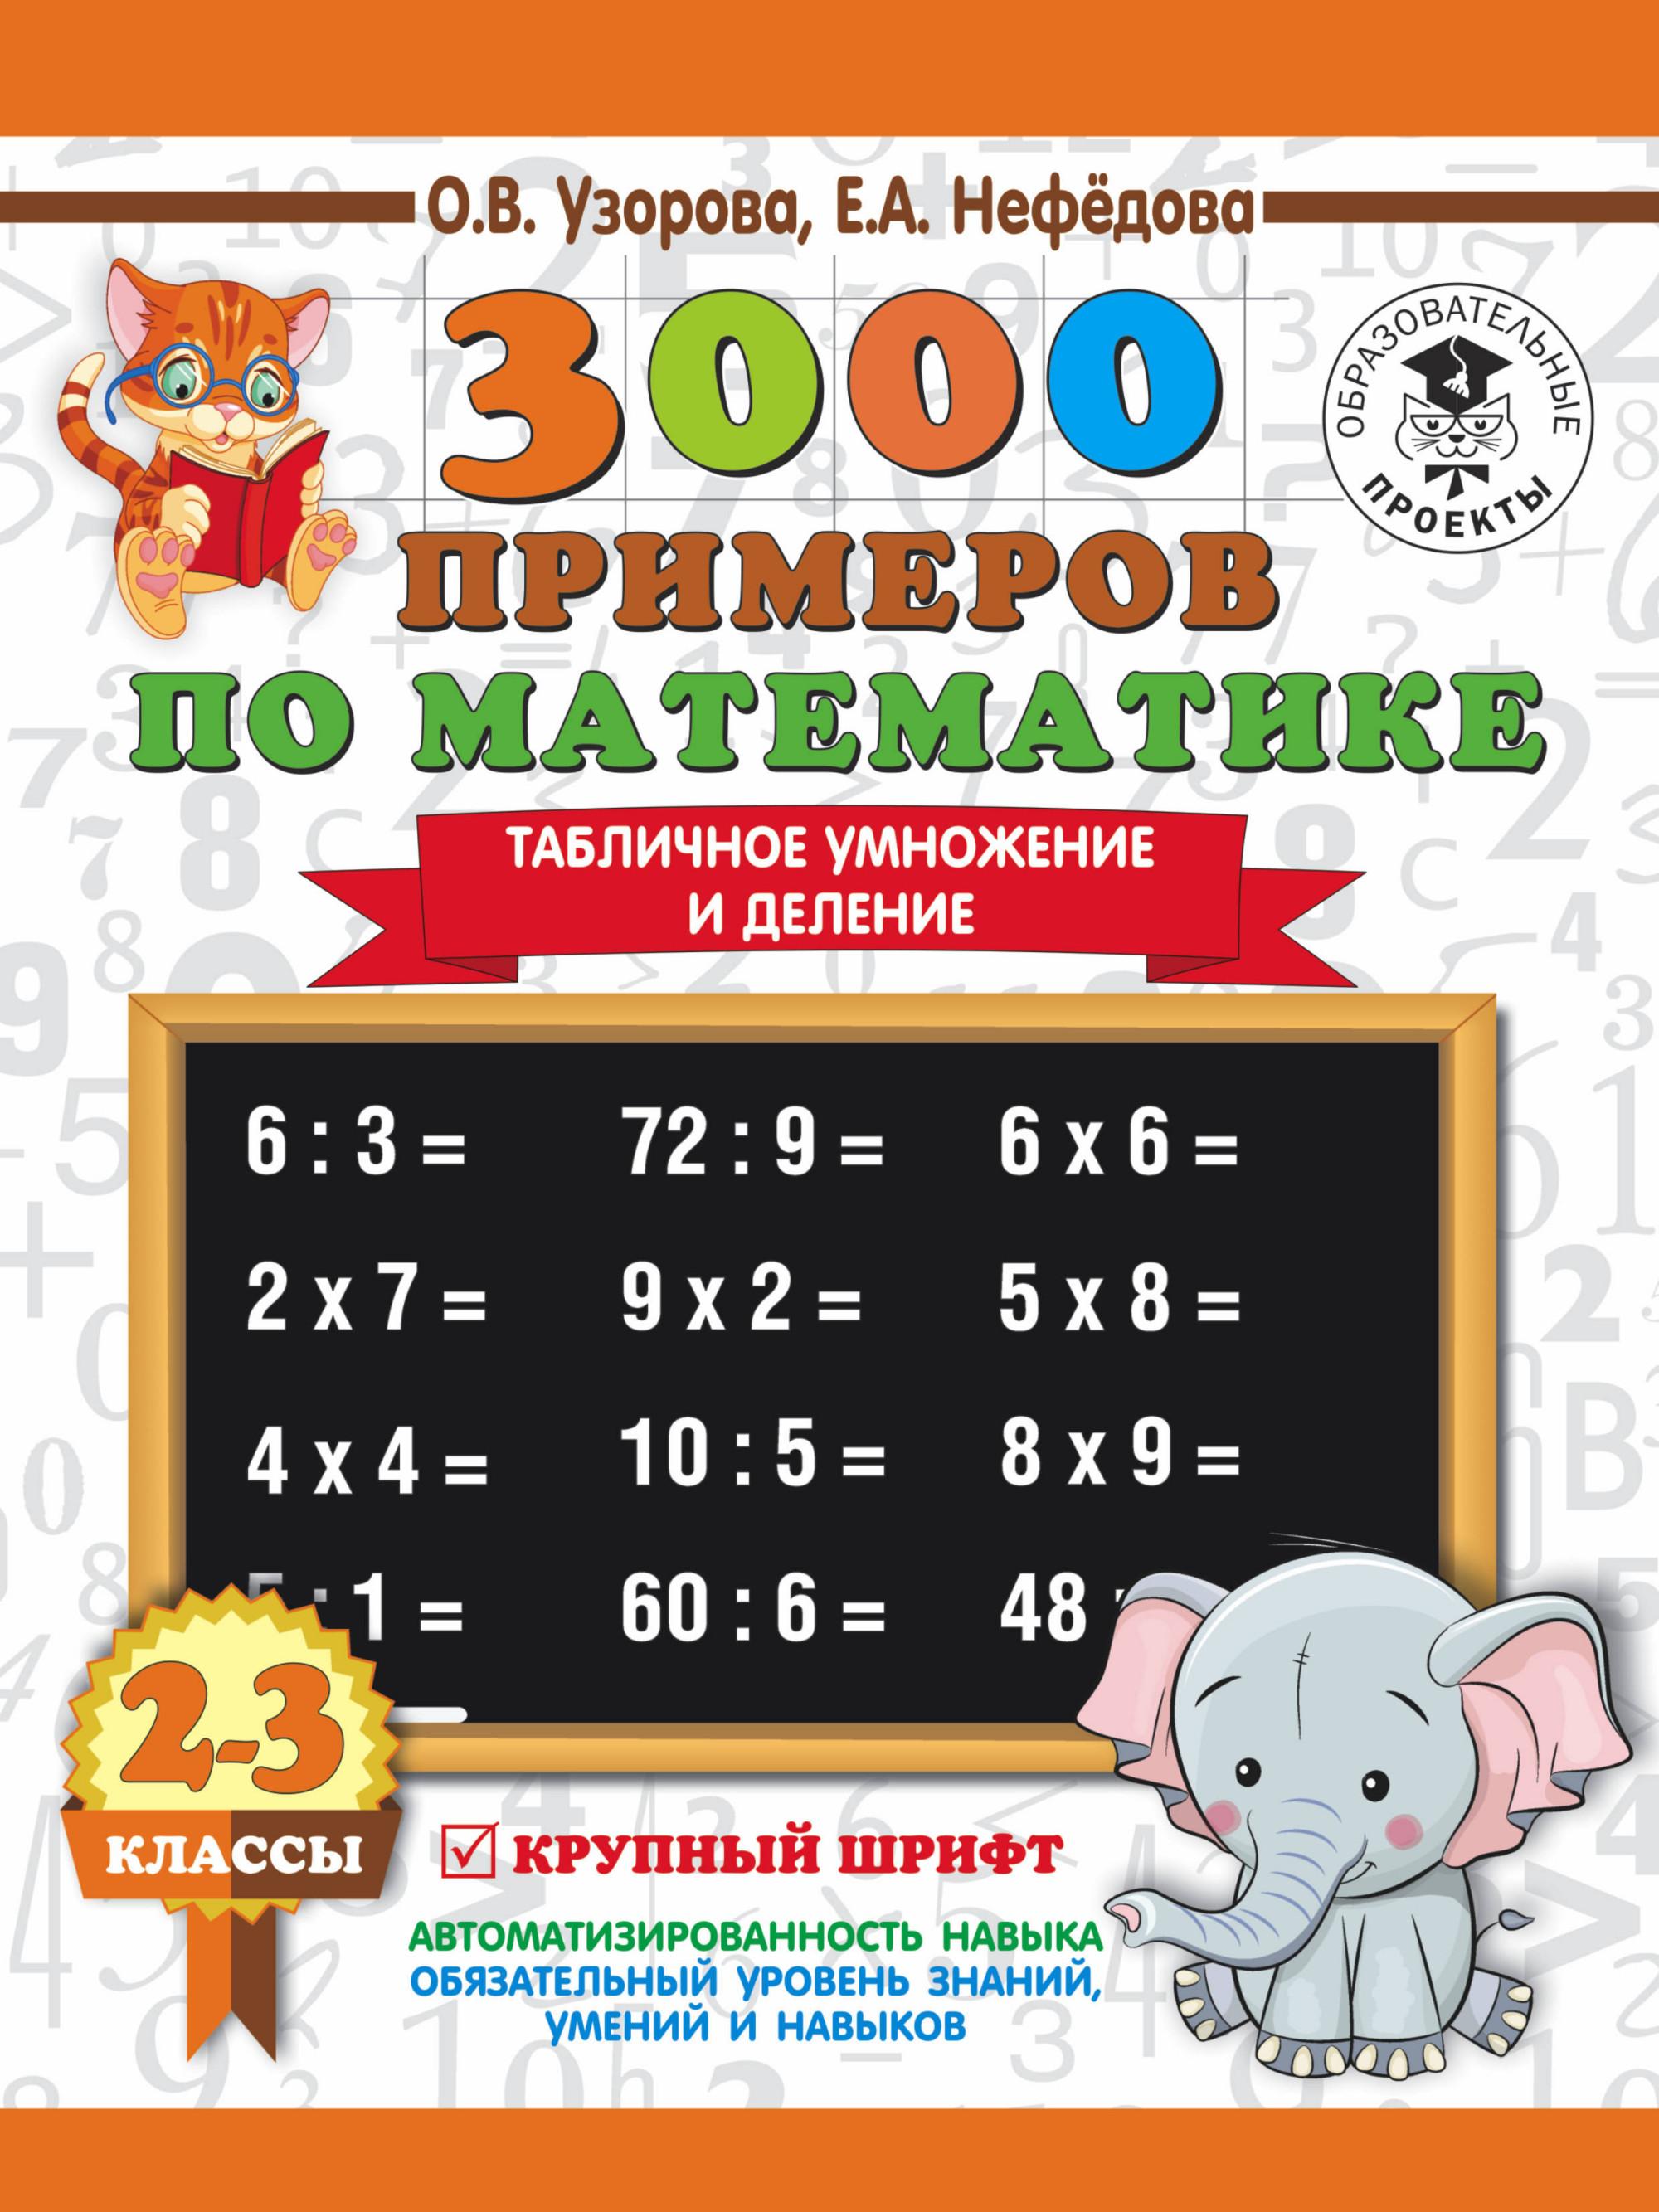 3000 примеров по математике. 2-3 классы. Табличное умножение и деление. Кру